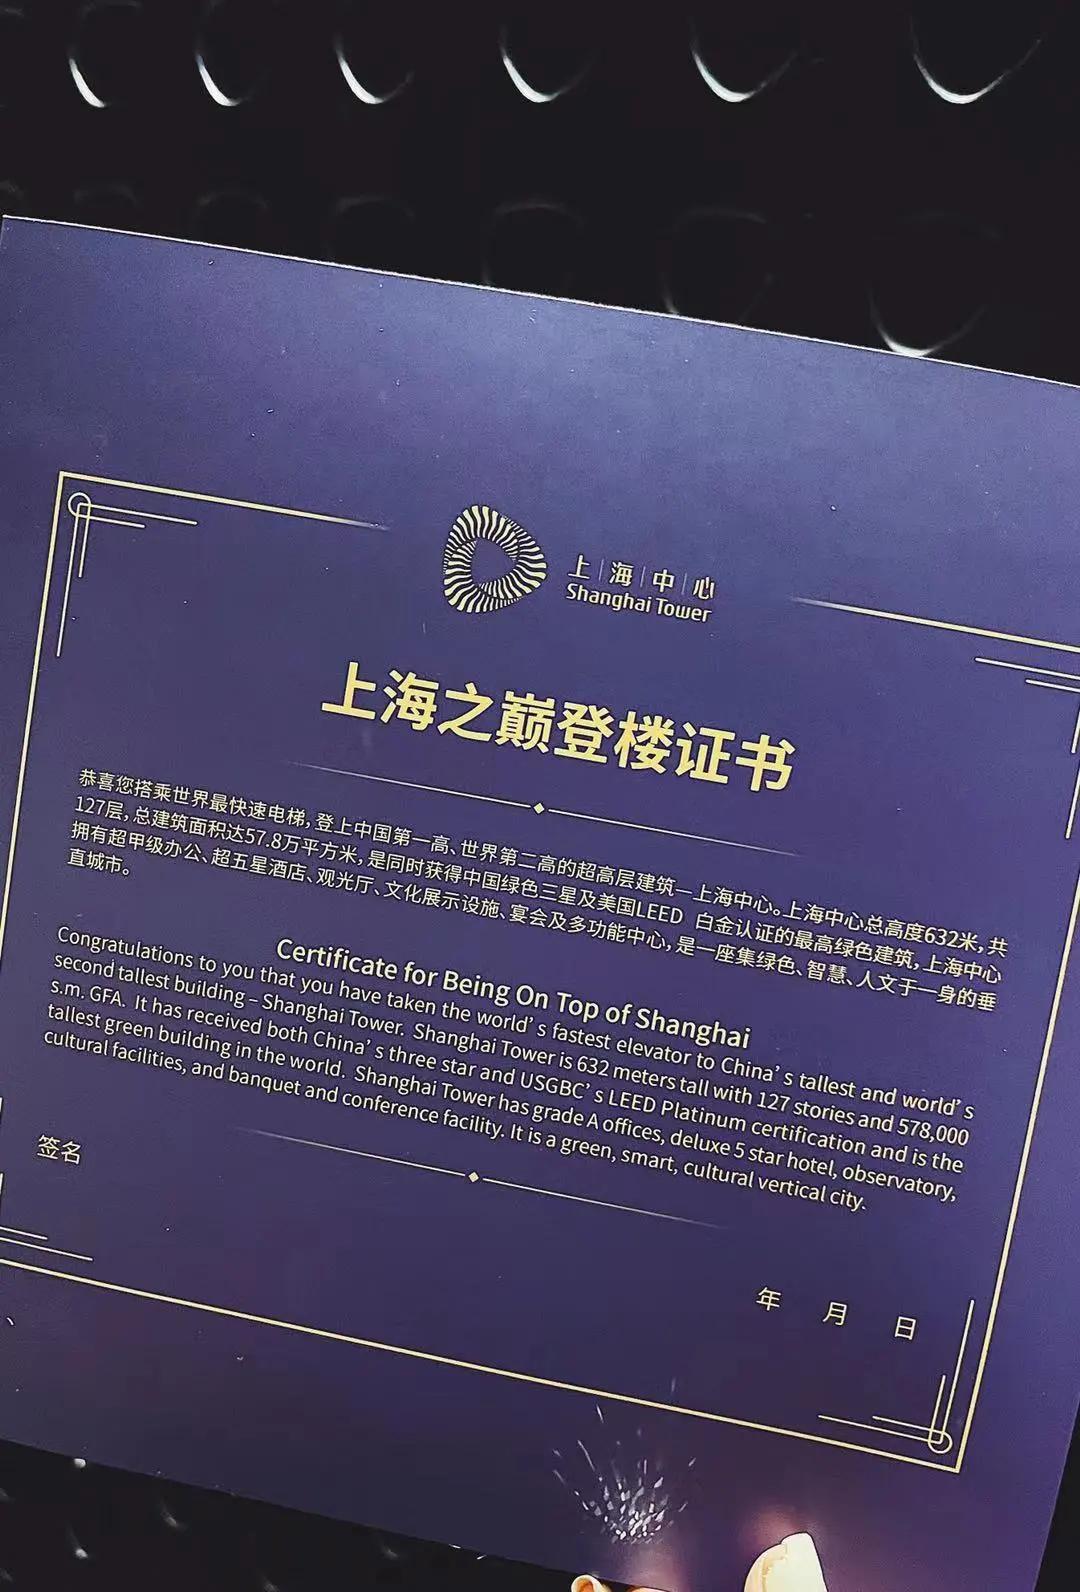 凝心聚力 �B�暨h航 邦奇智能2021年中工作��Y暨表彰大���A�M召�_